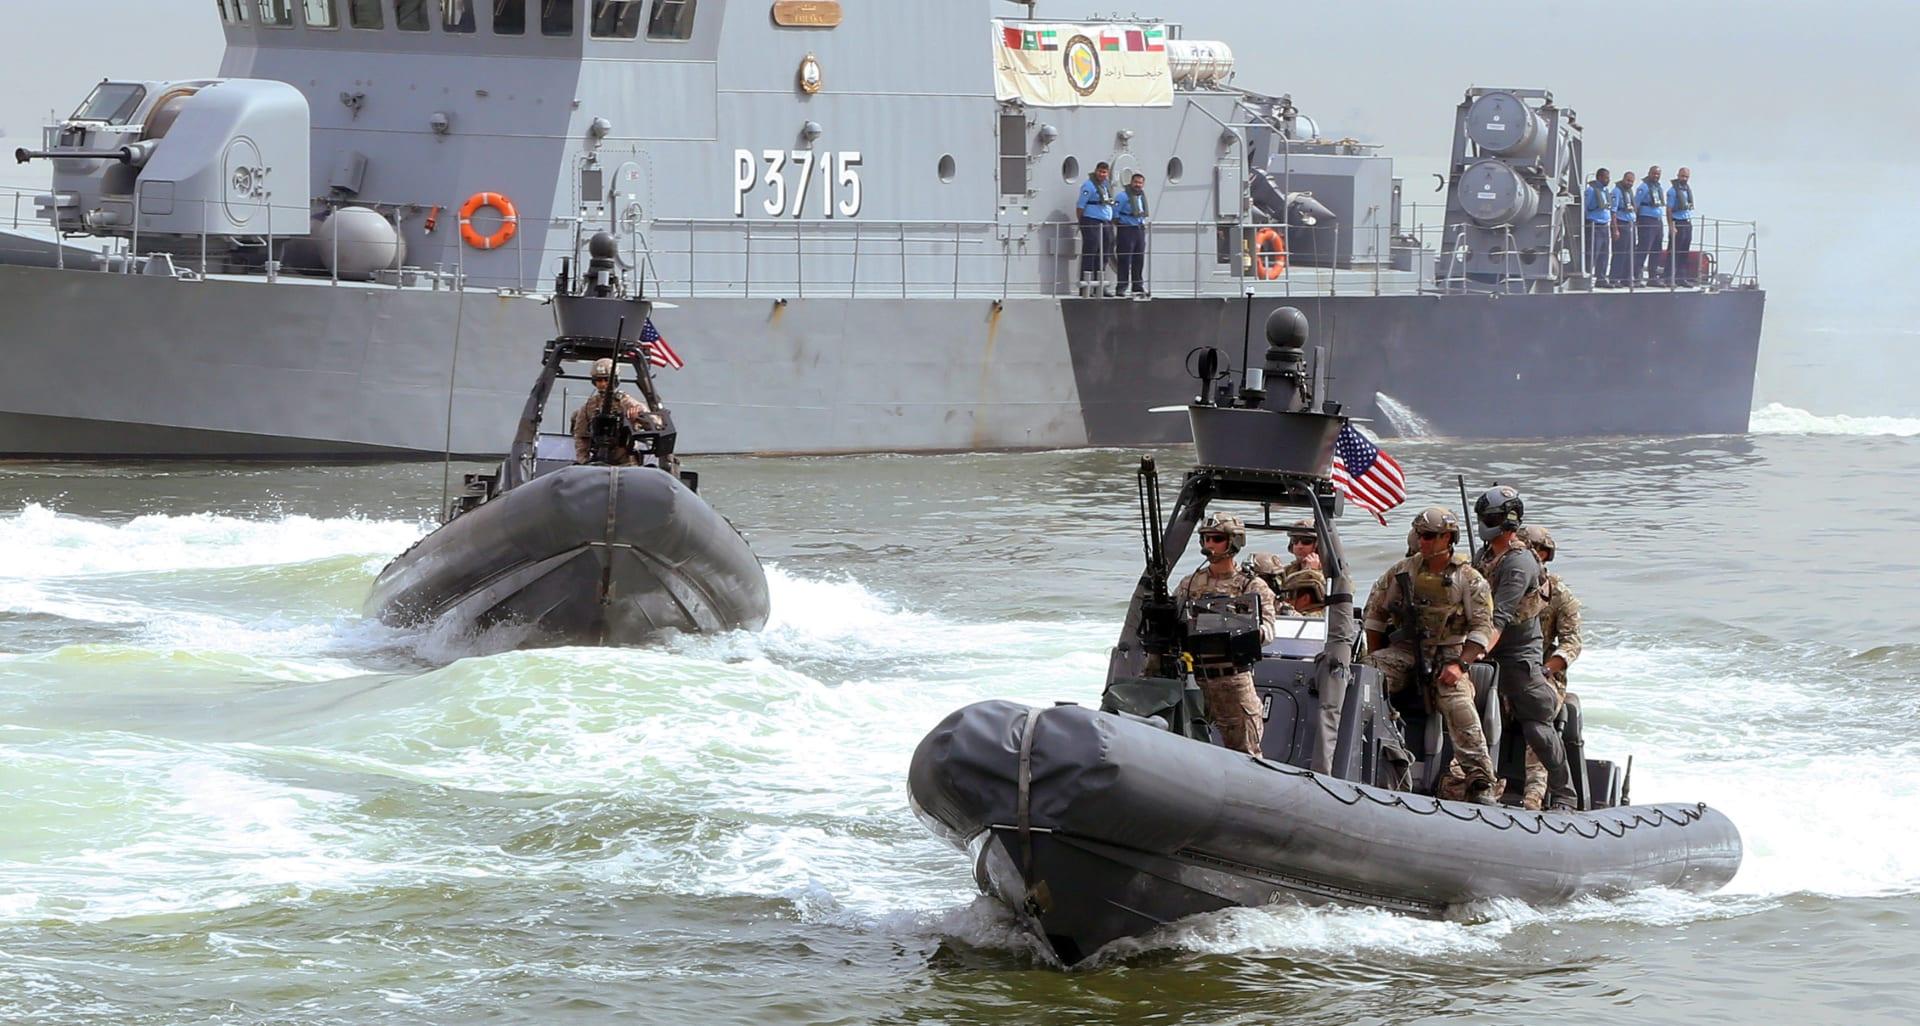 قوات أمريكية في منطقة الخليج